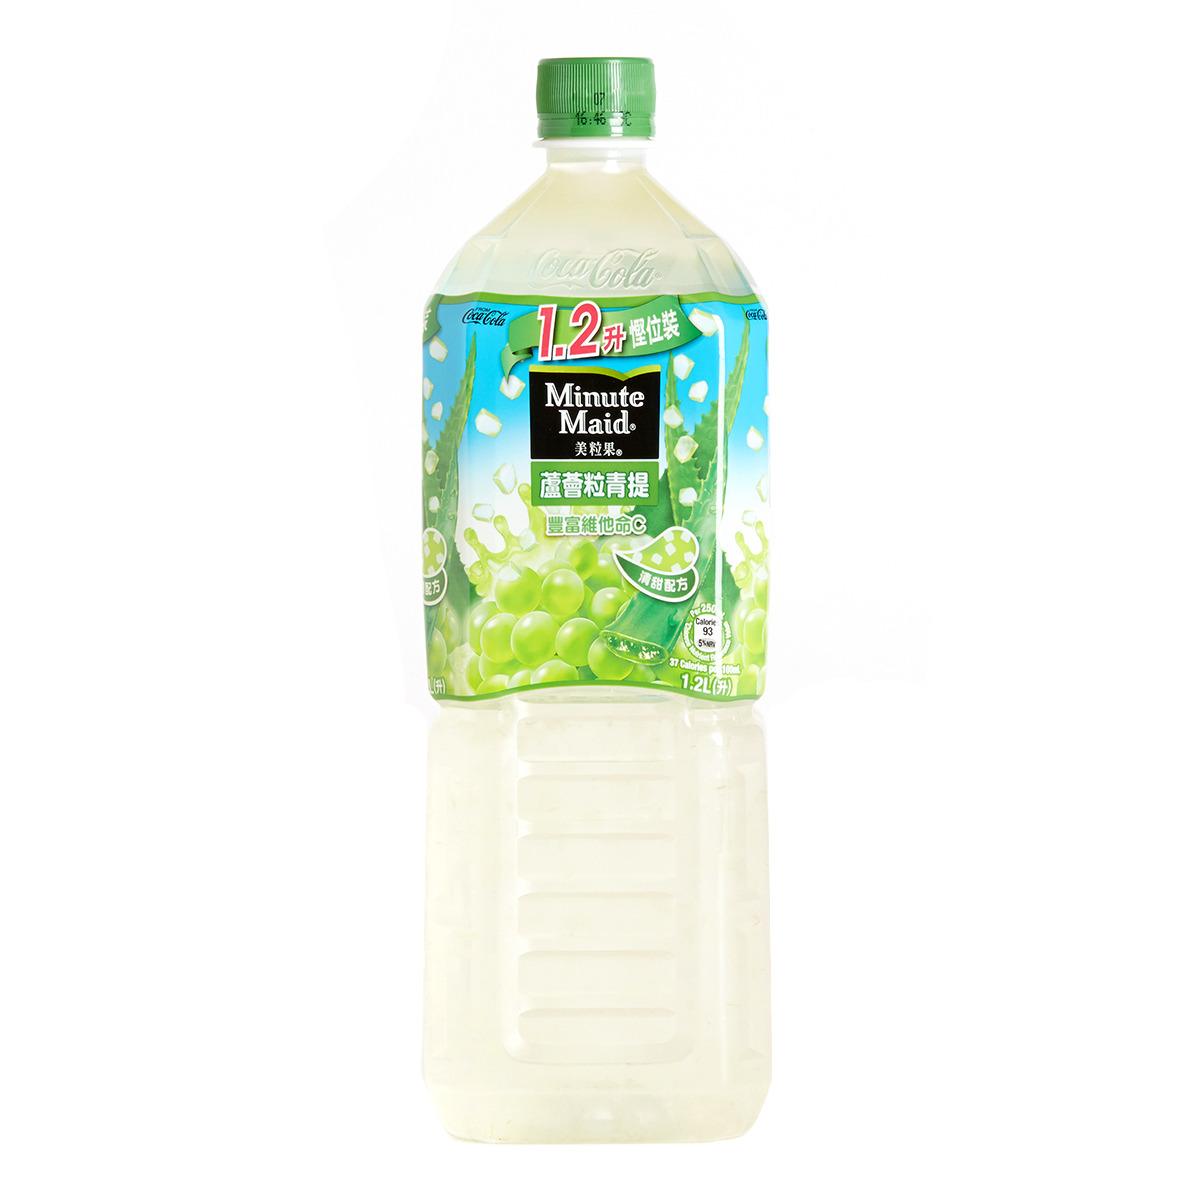 膠樽裝蘆薈粒青提子汁飲品